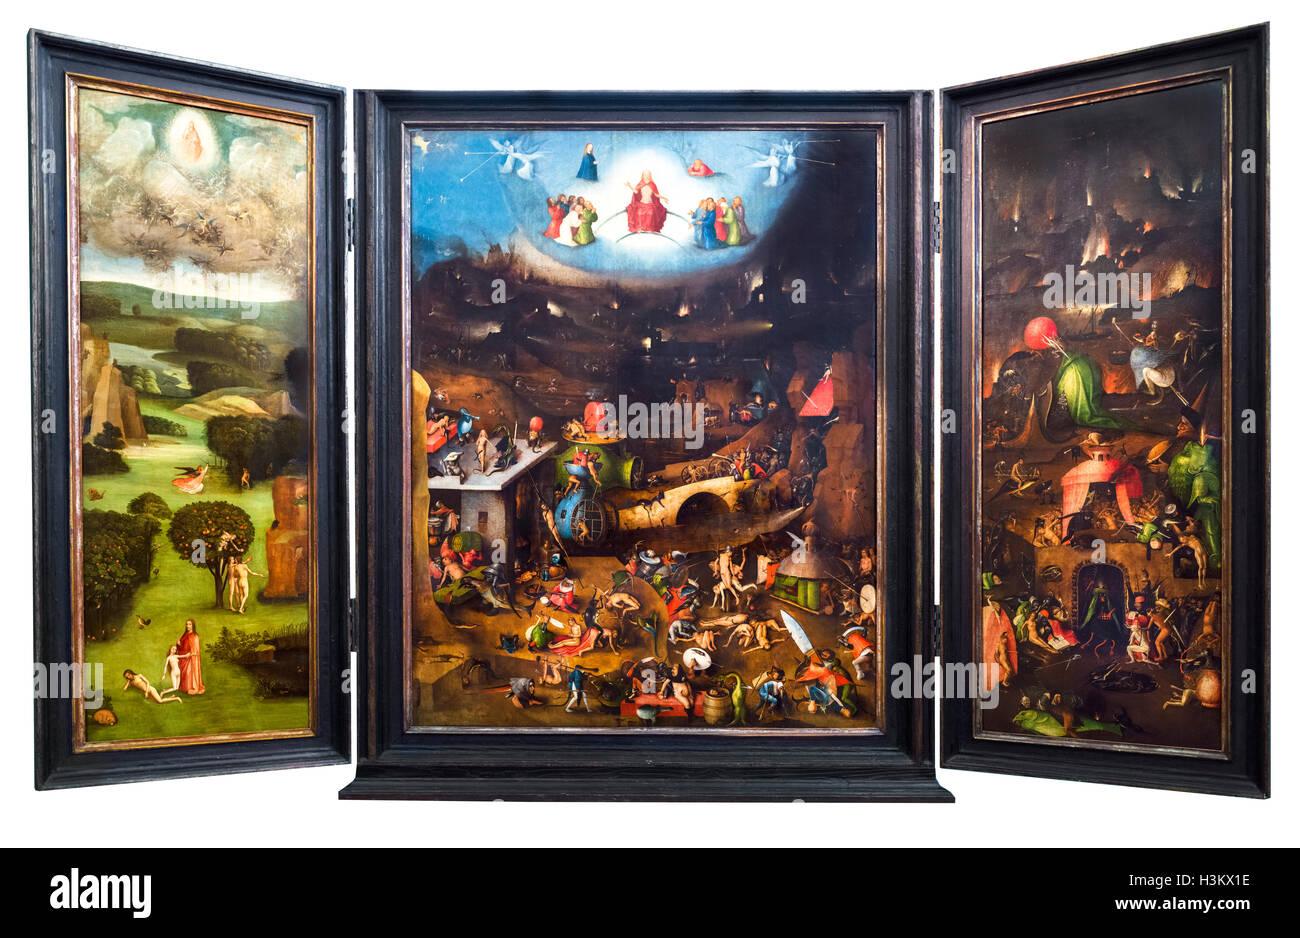 Triptyque du Jugement dernier de Jérôme Bosch, huile sur bois, c.1482. Le travail réside dans l'Académie des beaux Banque D'Images